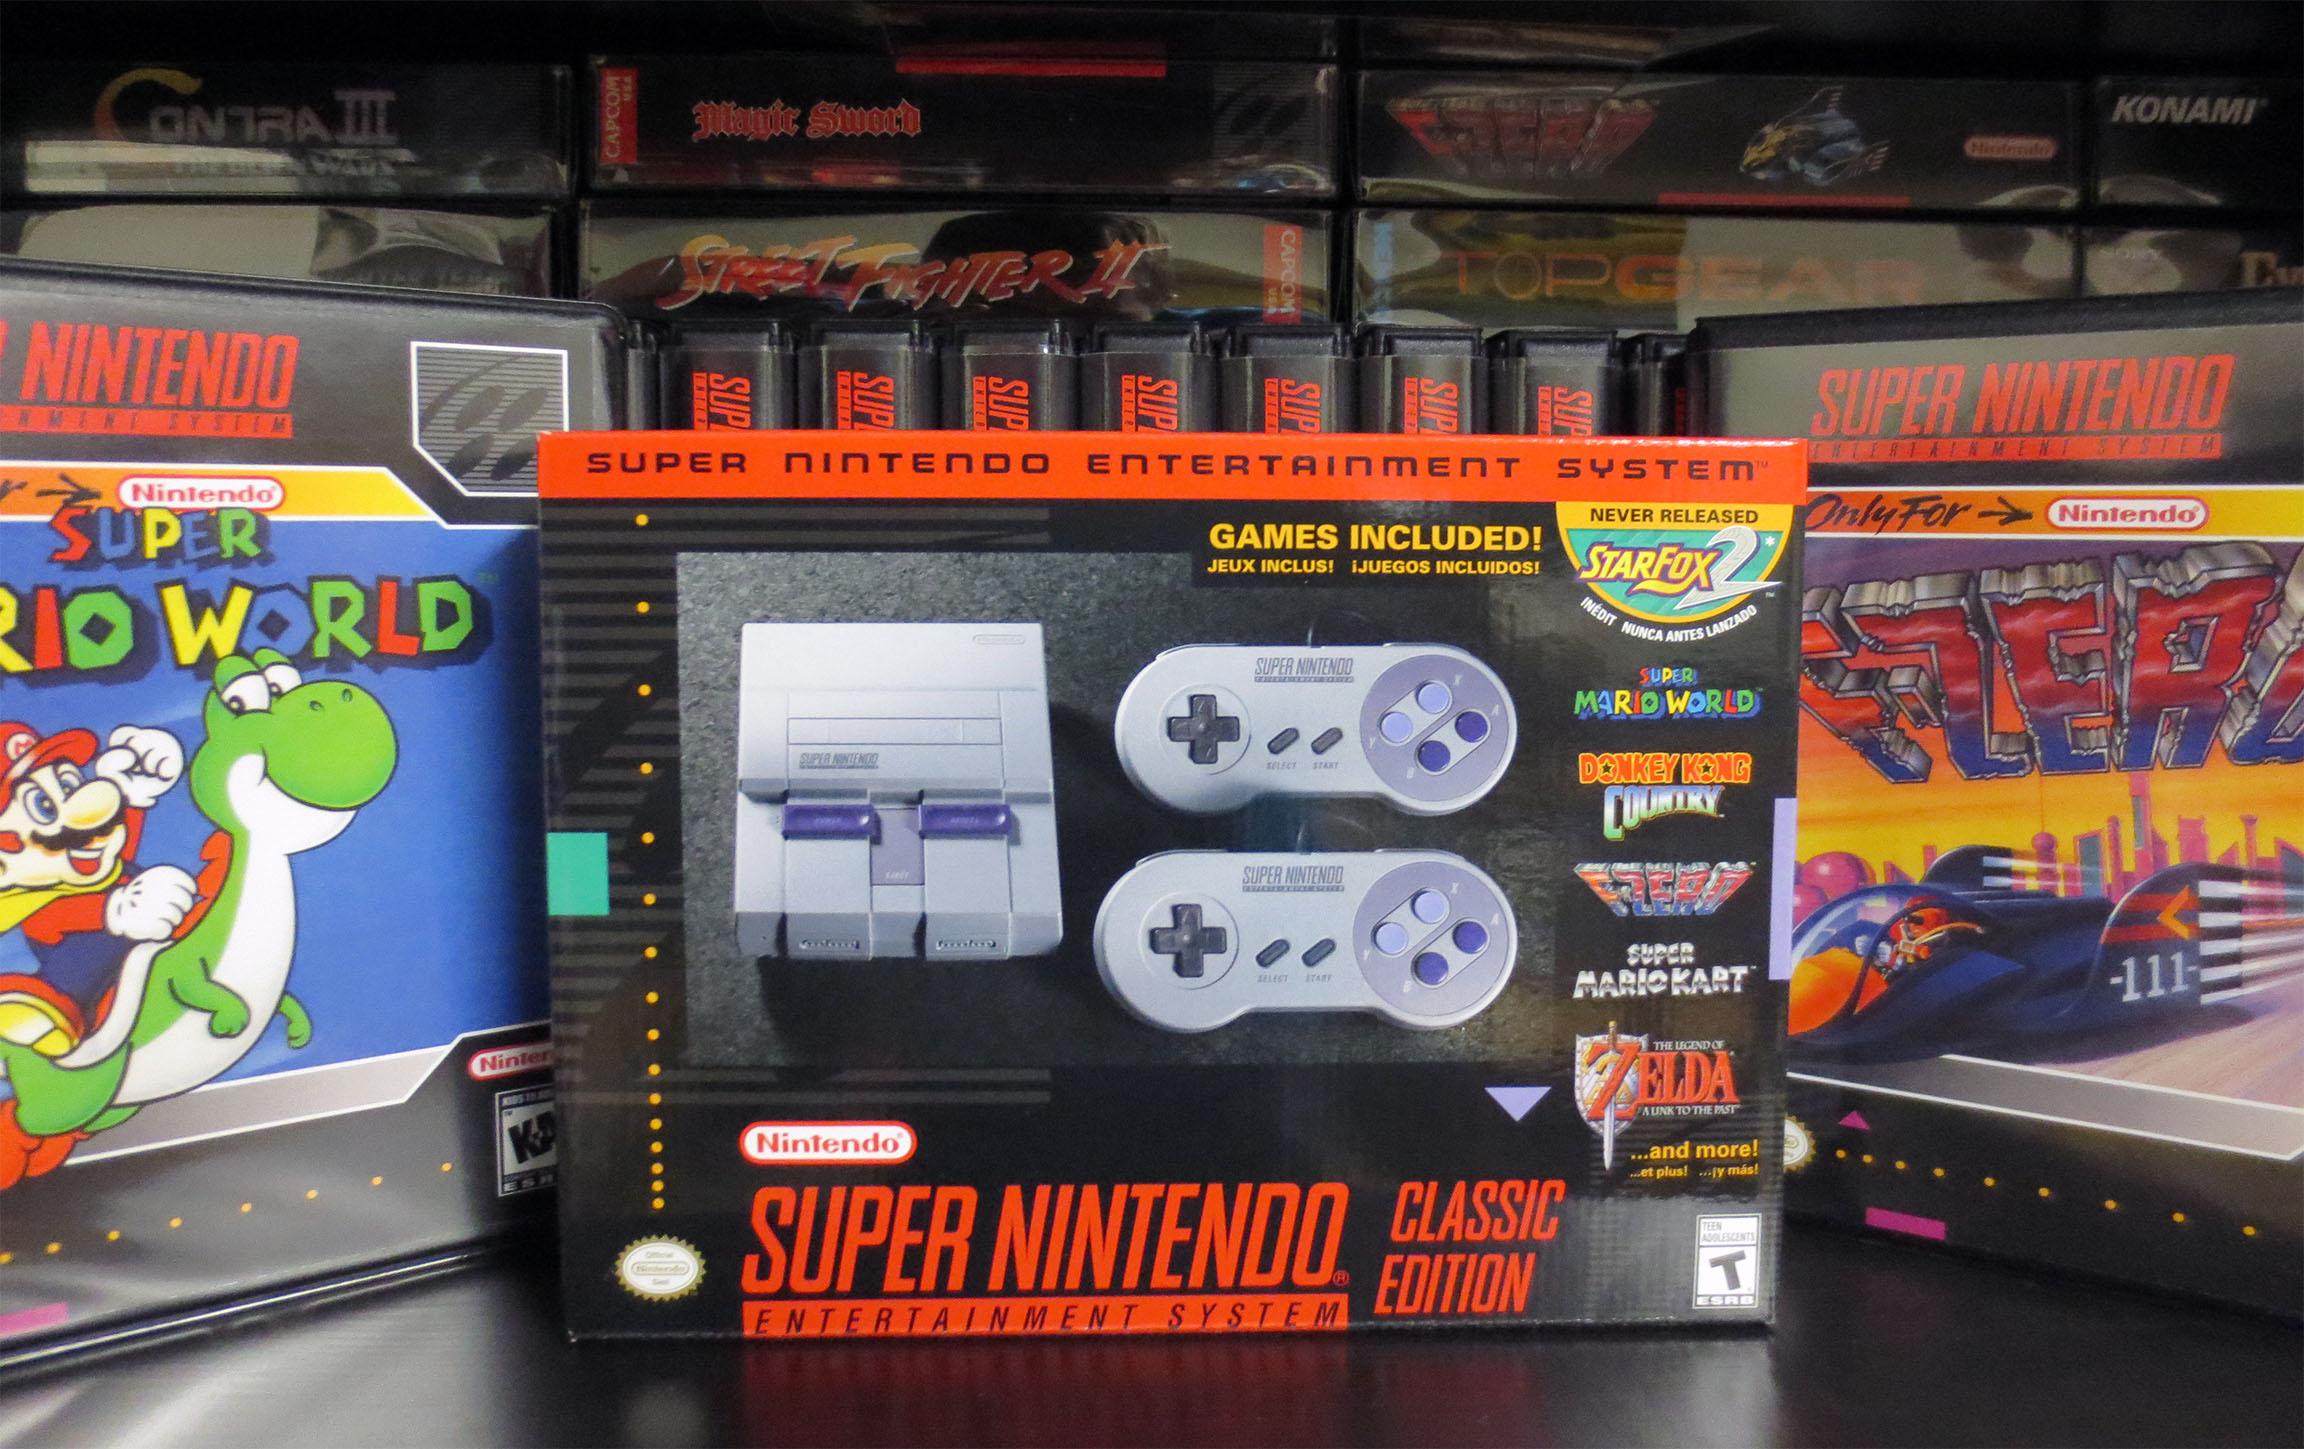 Snes Classic Edition Retro Megabit